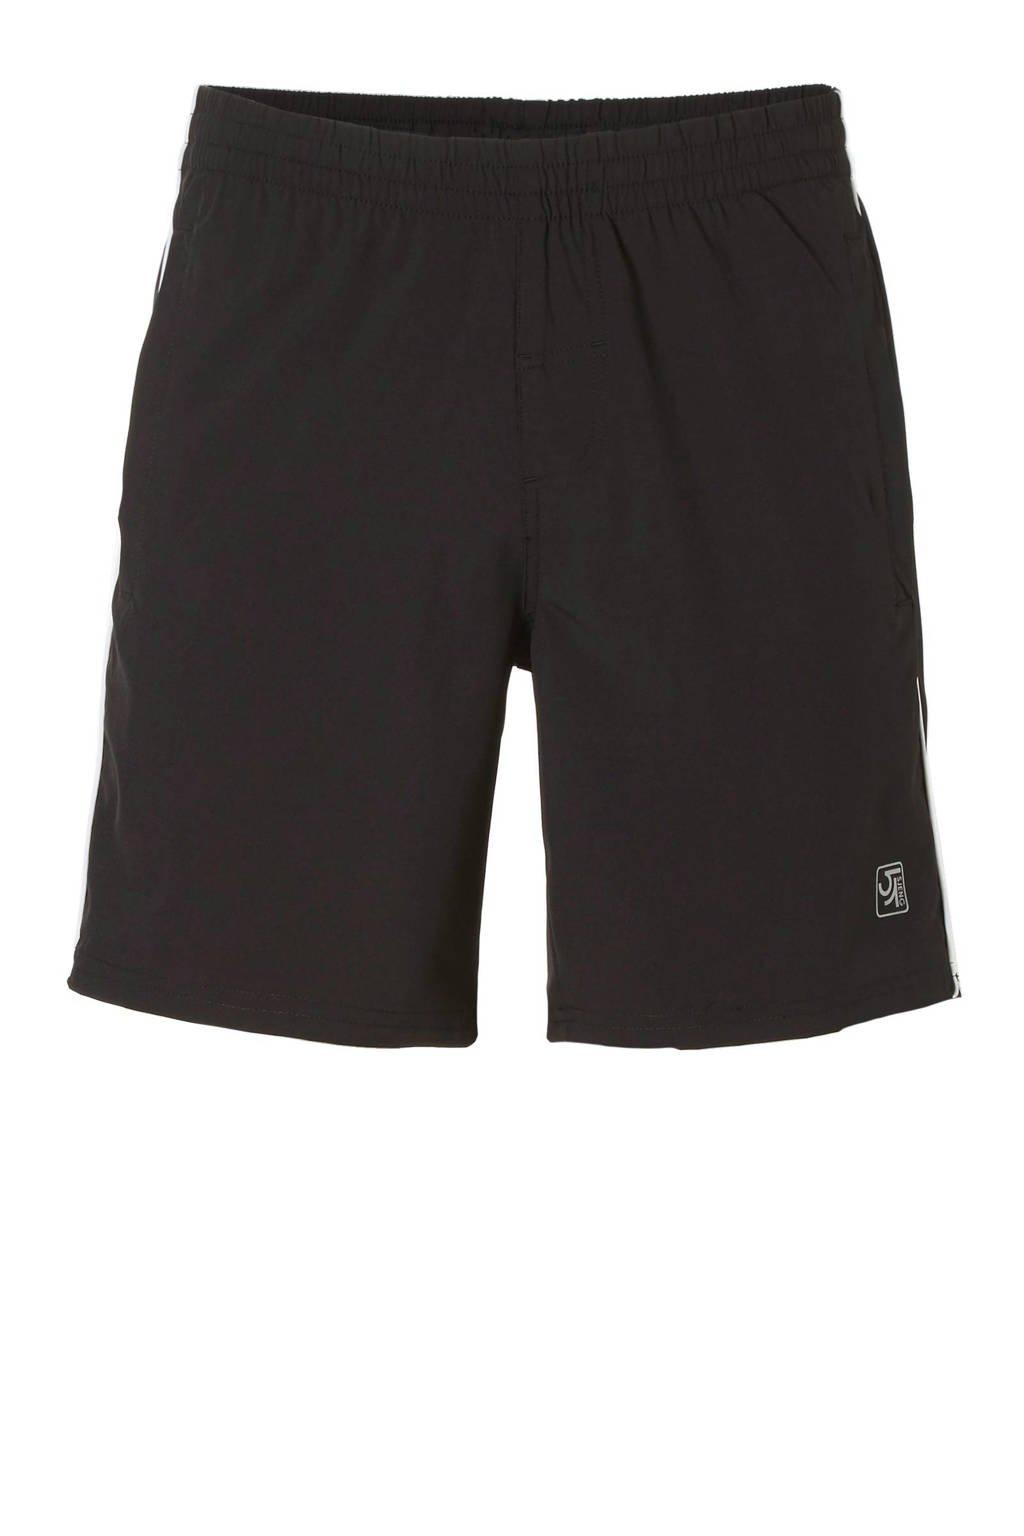 Sjeng Sports   short Set zwart, Zwart